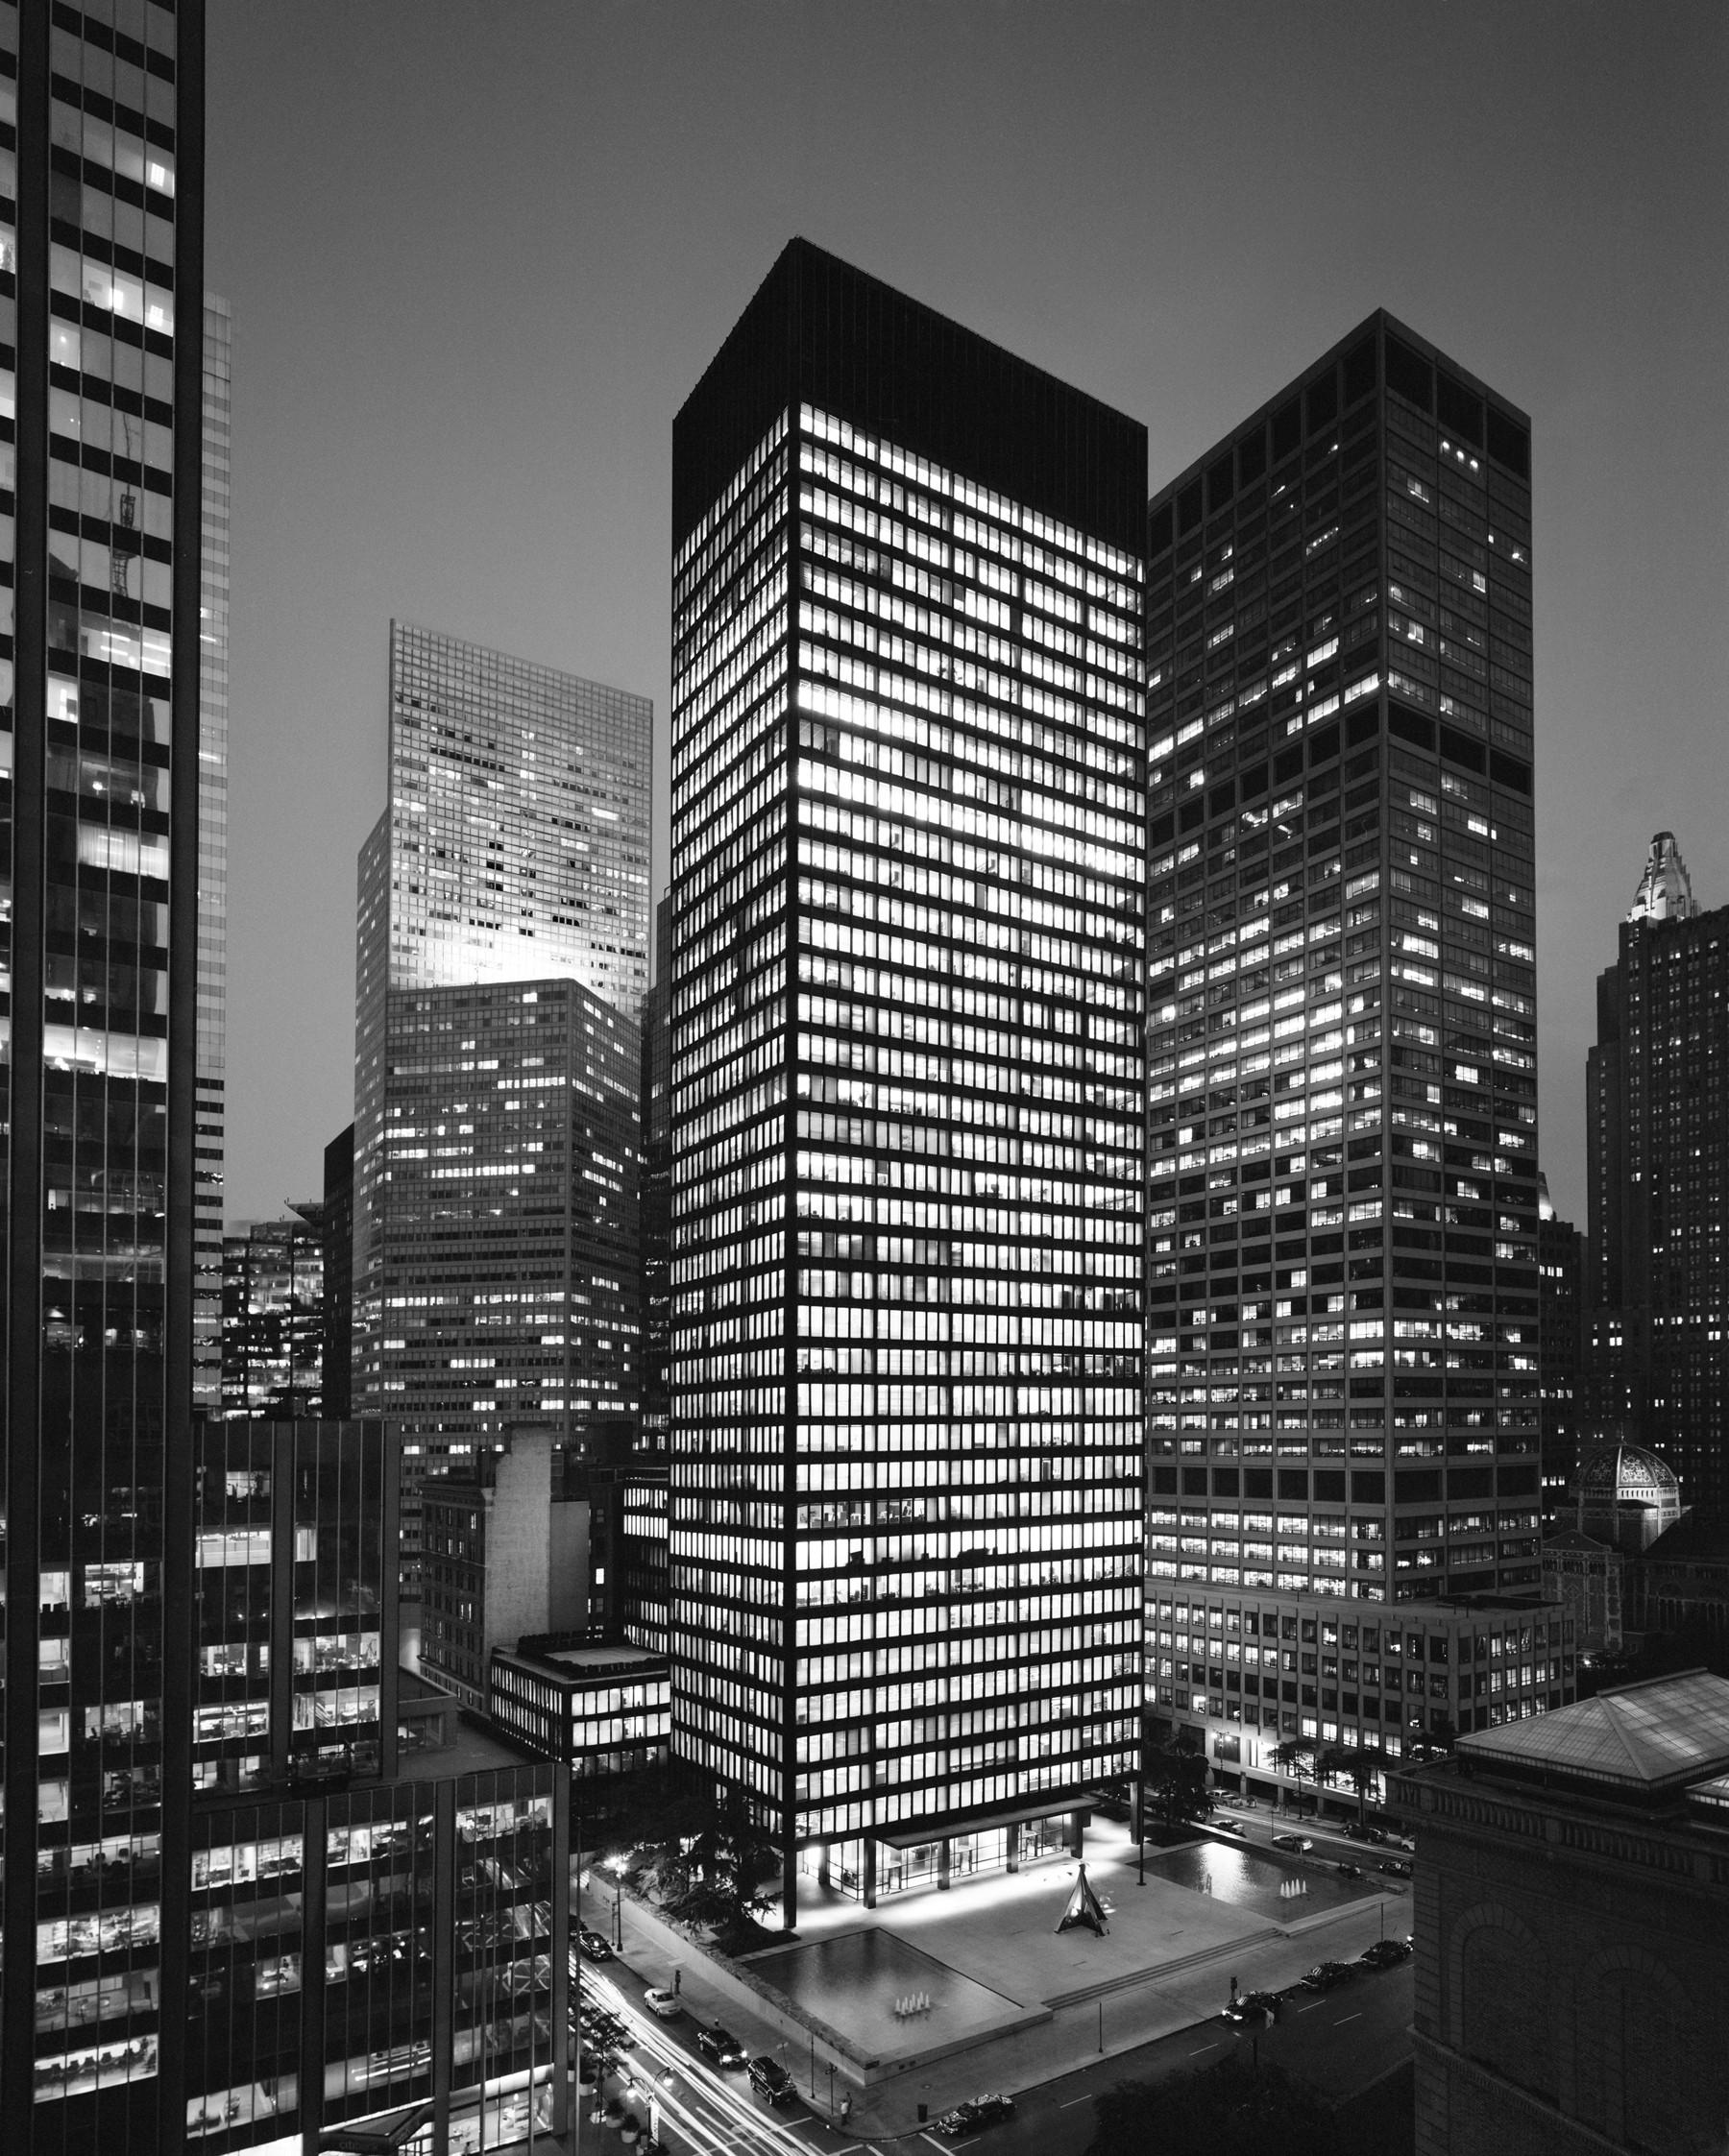 """1960 """"Fuente de inspiración"""" La plaza pública del Seagram Building se convierte en un lugar de reunión popular, inspirando a la Ciudad de Nueva York para promulgar nuevos incentivos de zonificación para que los promotores creen """"espacios públicos de propiedad privada."""" El Edificio Seagram y la fuente se presentan en la clásica película de 1961, Desayuno con diamantes, protagonizada por Audrey Hepburn"""